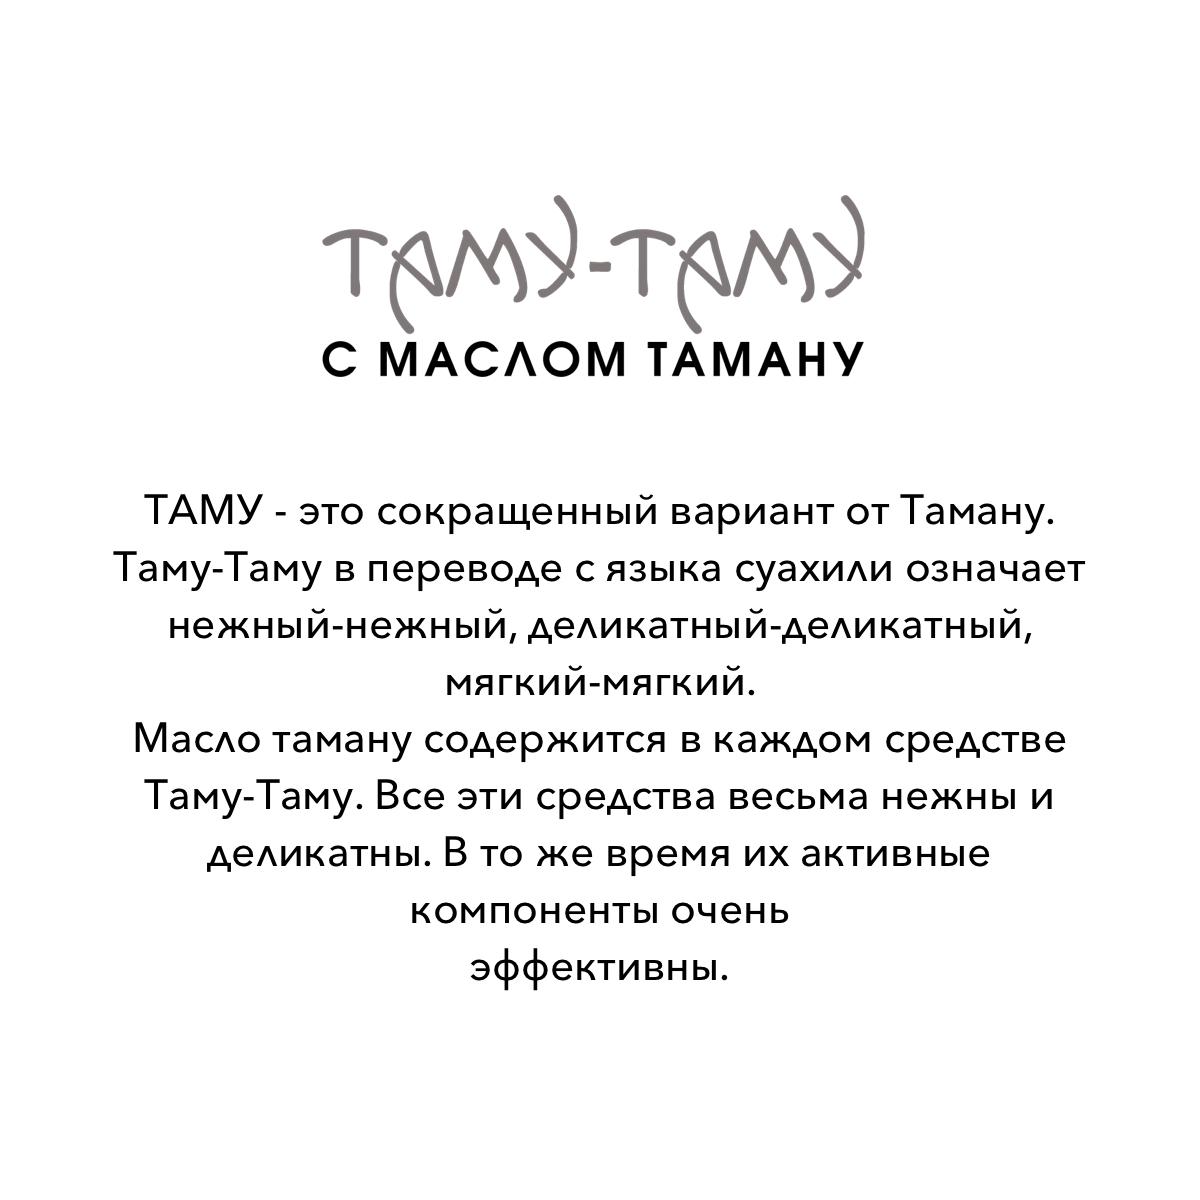 Крем Детский Таму-Таму с маслом Таману 90г